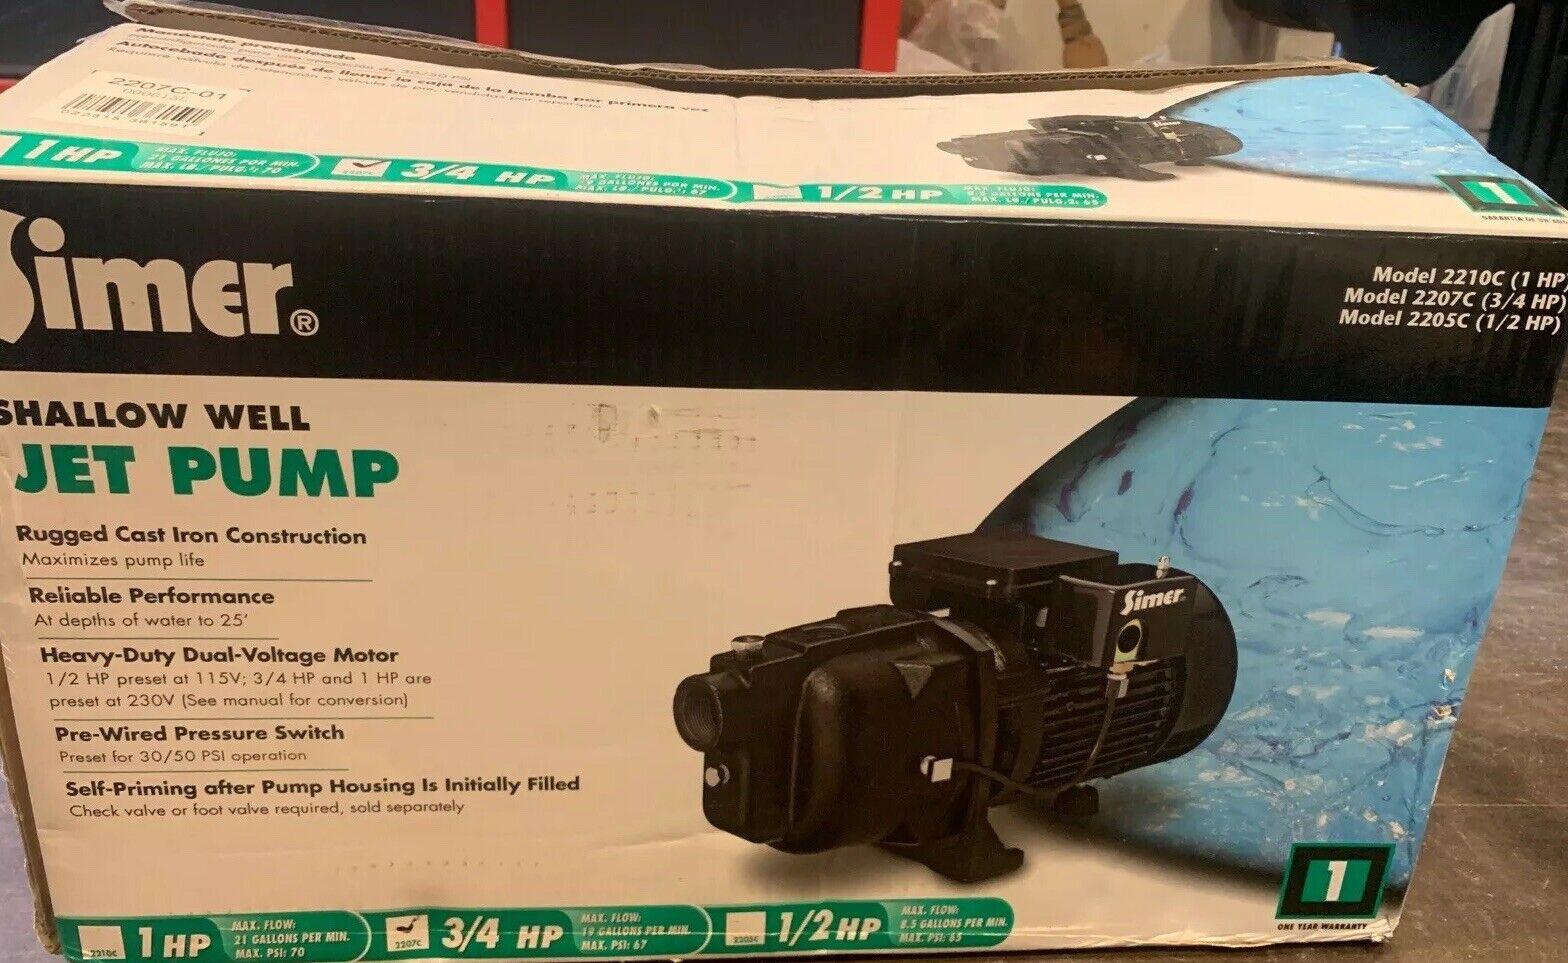 Simer 2207C 3/4 HP Shallow Well Jet Pump Well Pumps Water Pumps ...